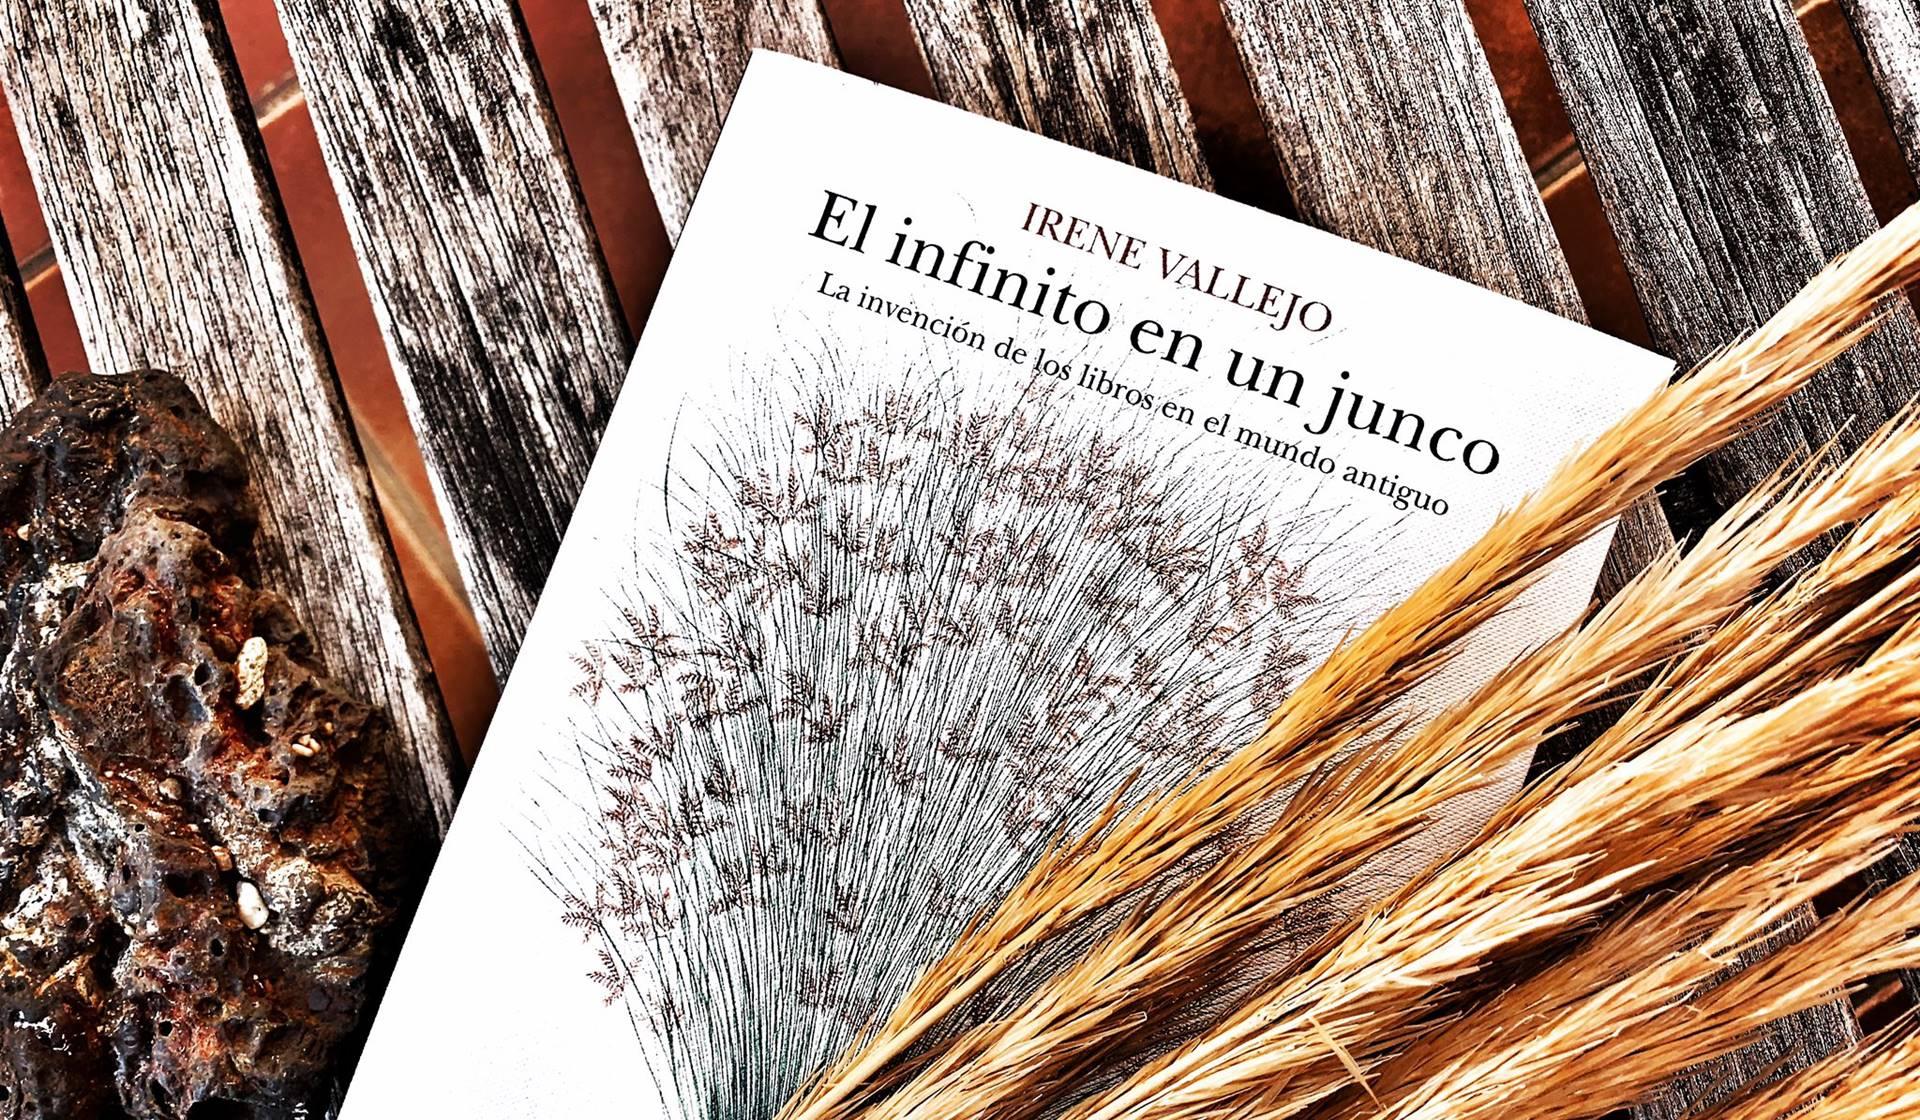 El infinito en un junco de Irene Vallejo